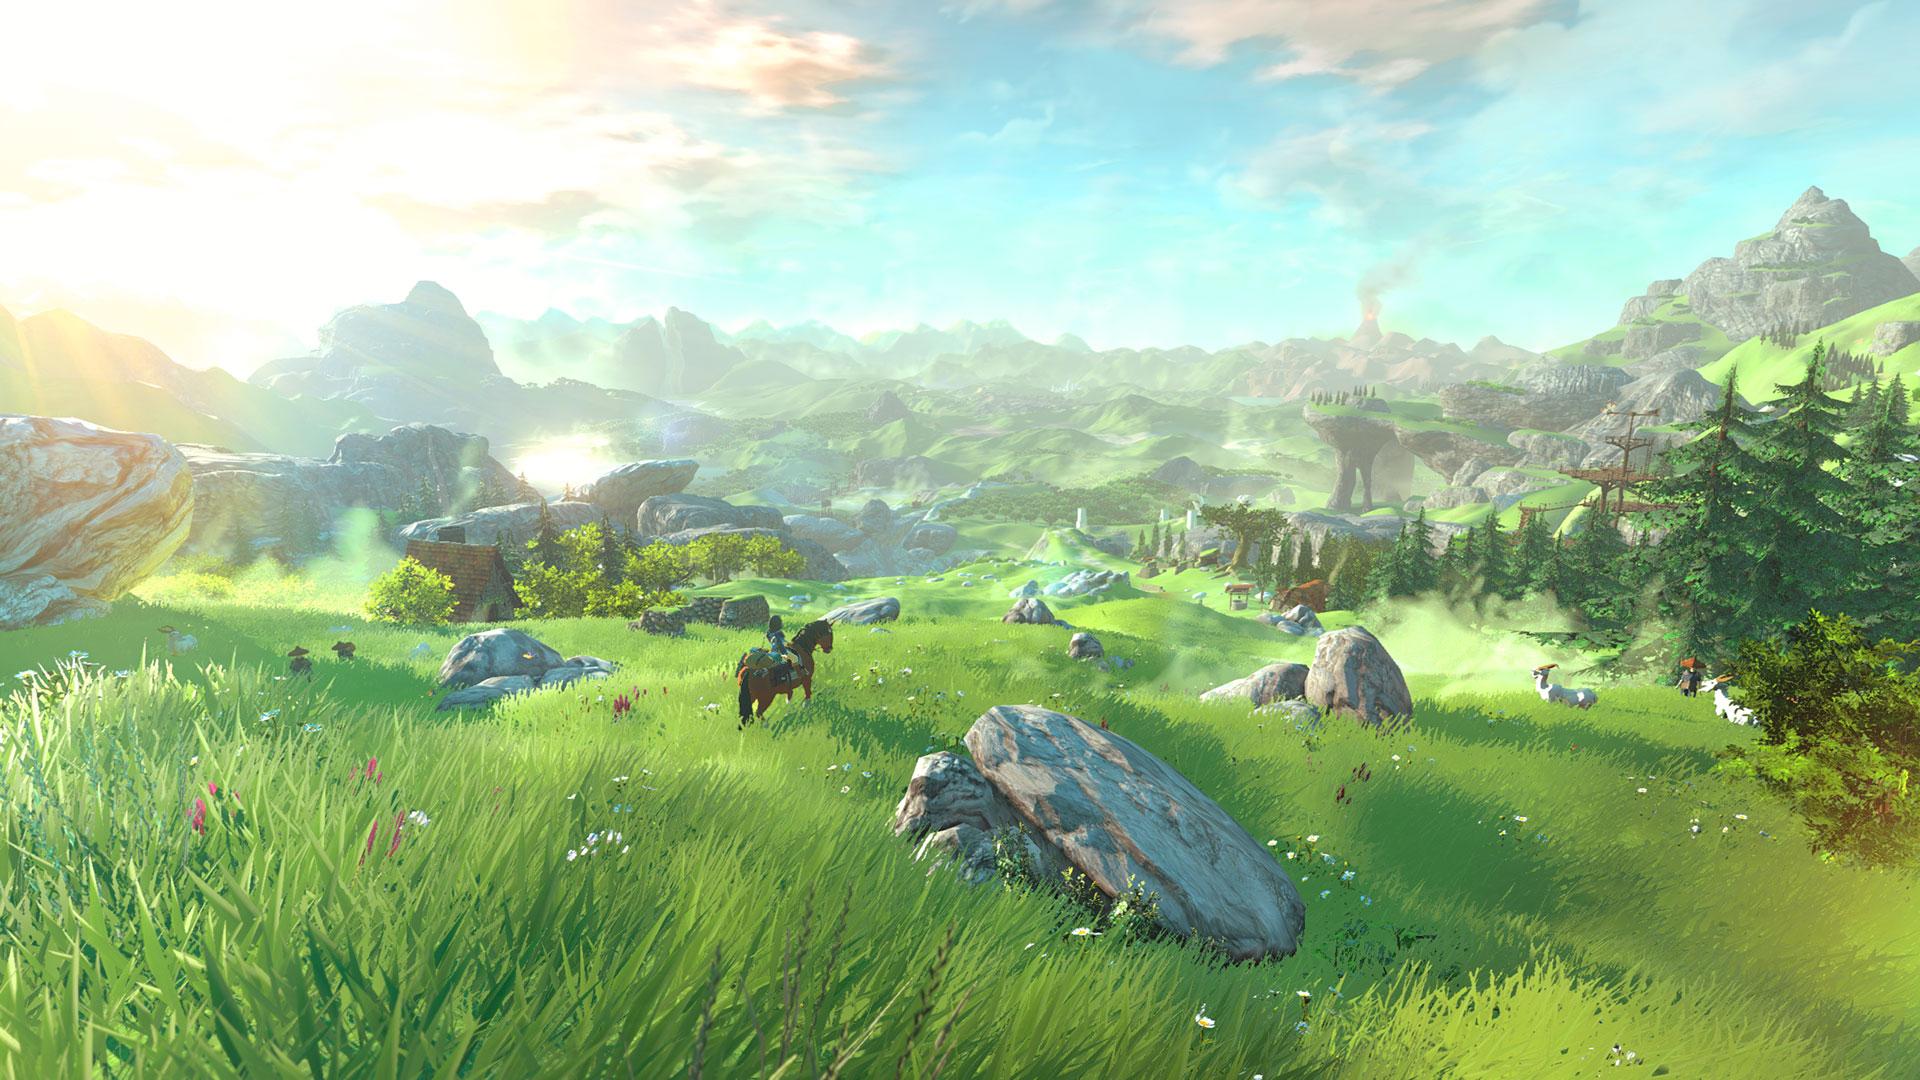 """Soll sich komplett in VR erkunden lassen: das Hyrule aus """"The Legend of Zelda: Breath of the Wild""""."""